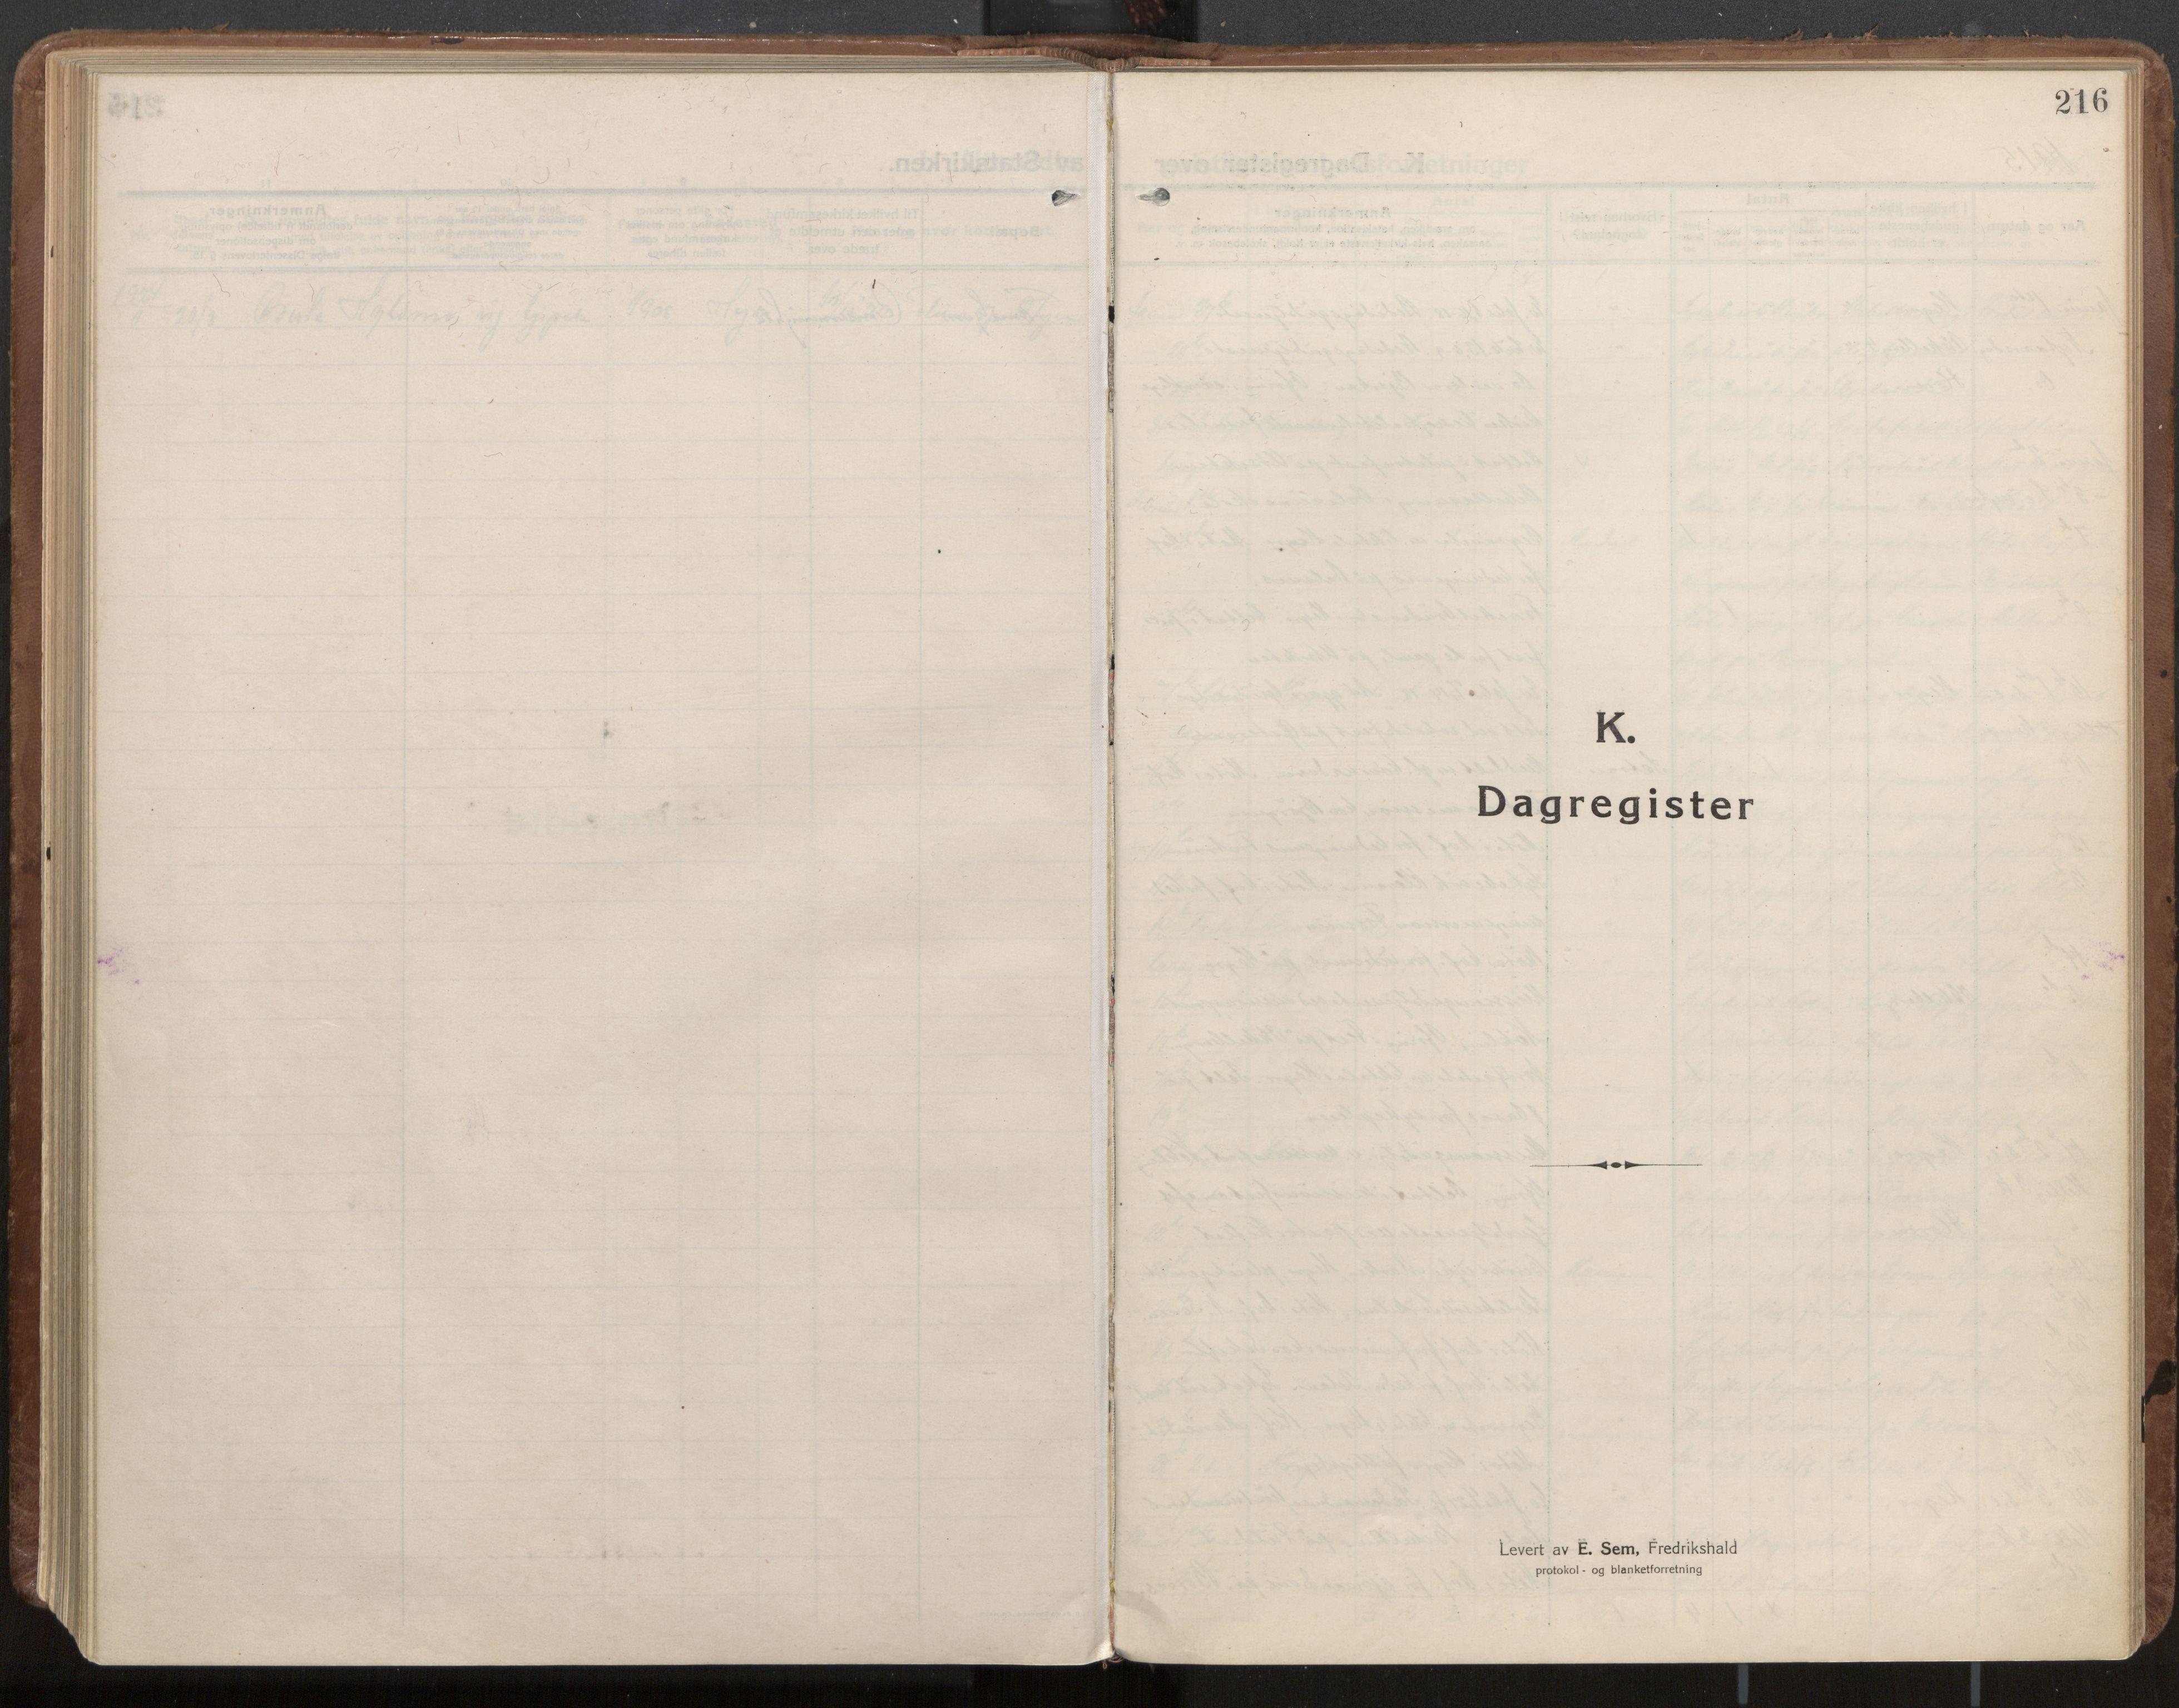 SAT, Ministerialprotokoller, klokkerbøker og fødselsregistre - Nord-Trøndelag, 703/L0037: Parish register (official) no. 703A10, 1915-1932, p. 216